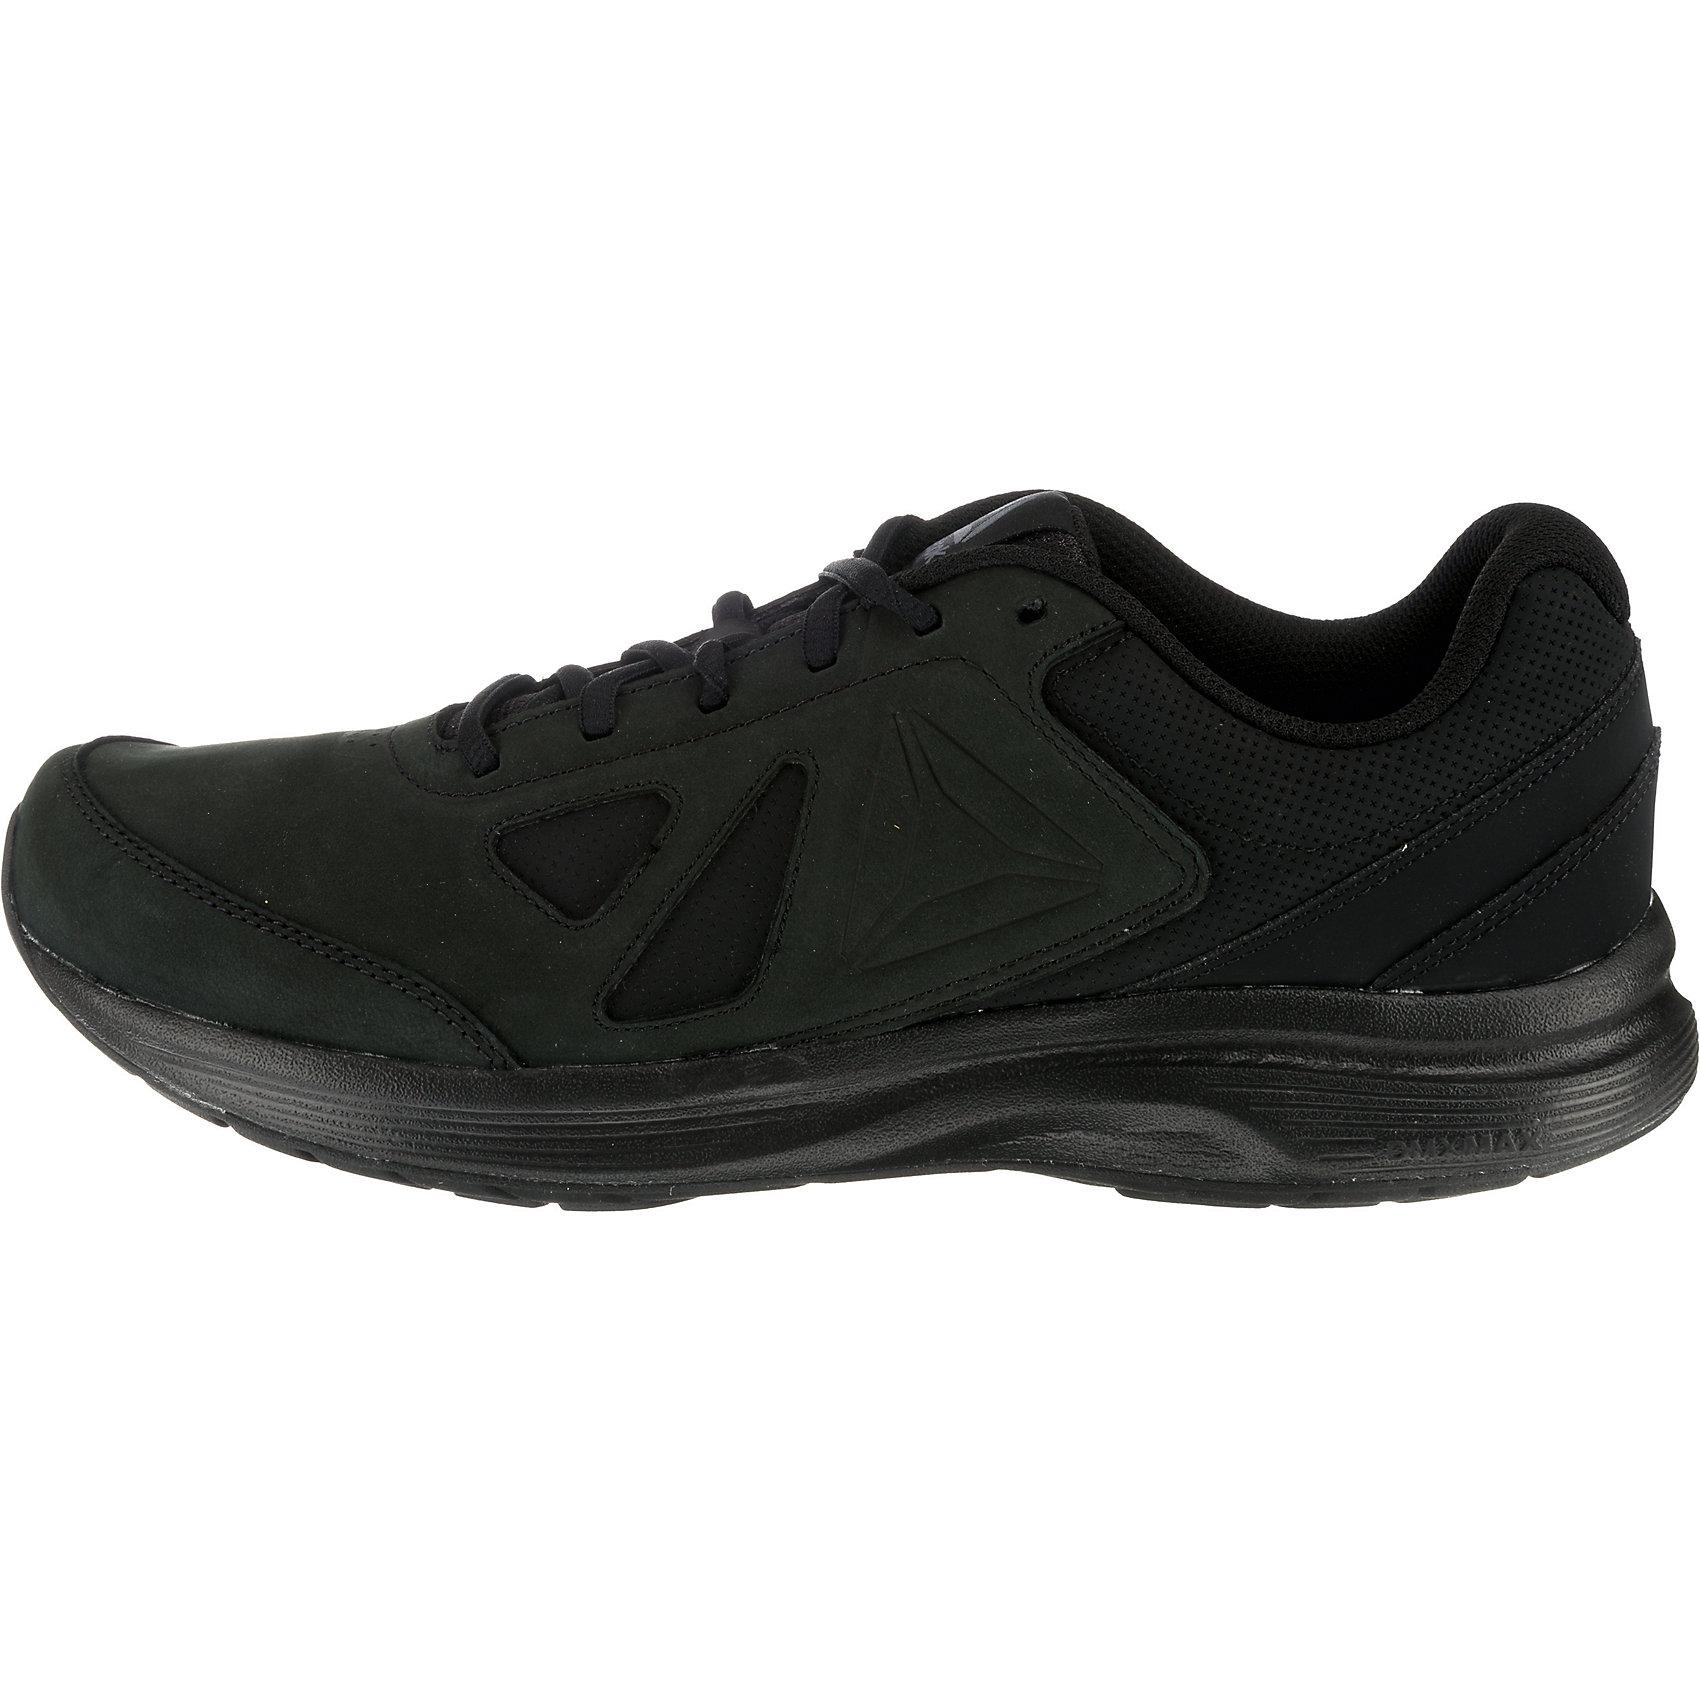 Neu Reebok Reebok Reebok Walk Ultra 6 Walkingschuhe 8767030 für Herren schwarz 0a73ac